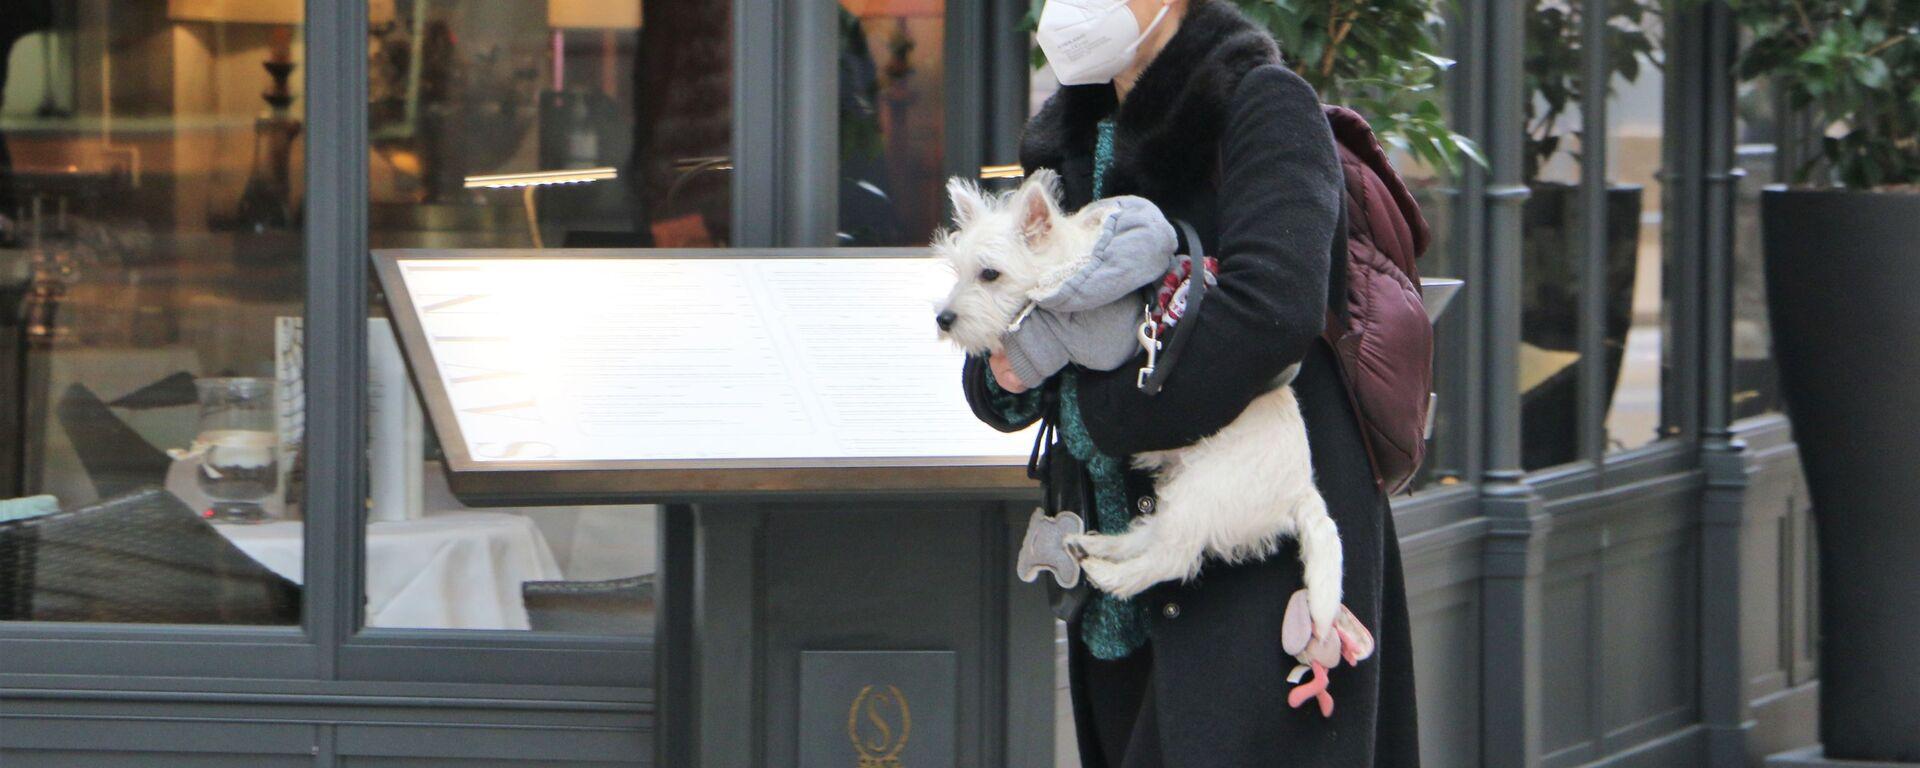 Una donna in una mascherina protettiva con un cane a Milano - Sputnik Italia, 1920, 27.03.2021